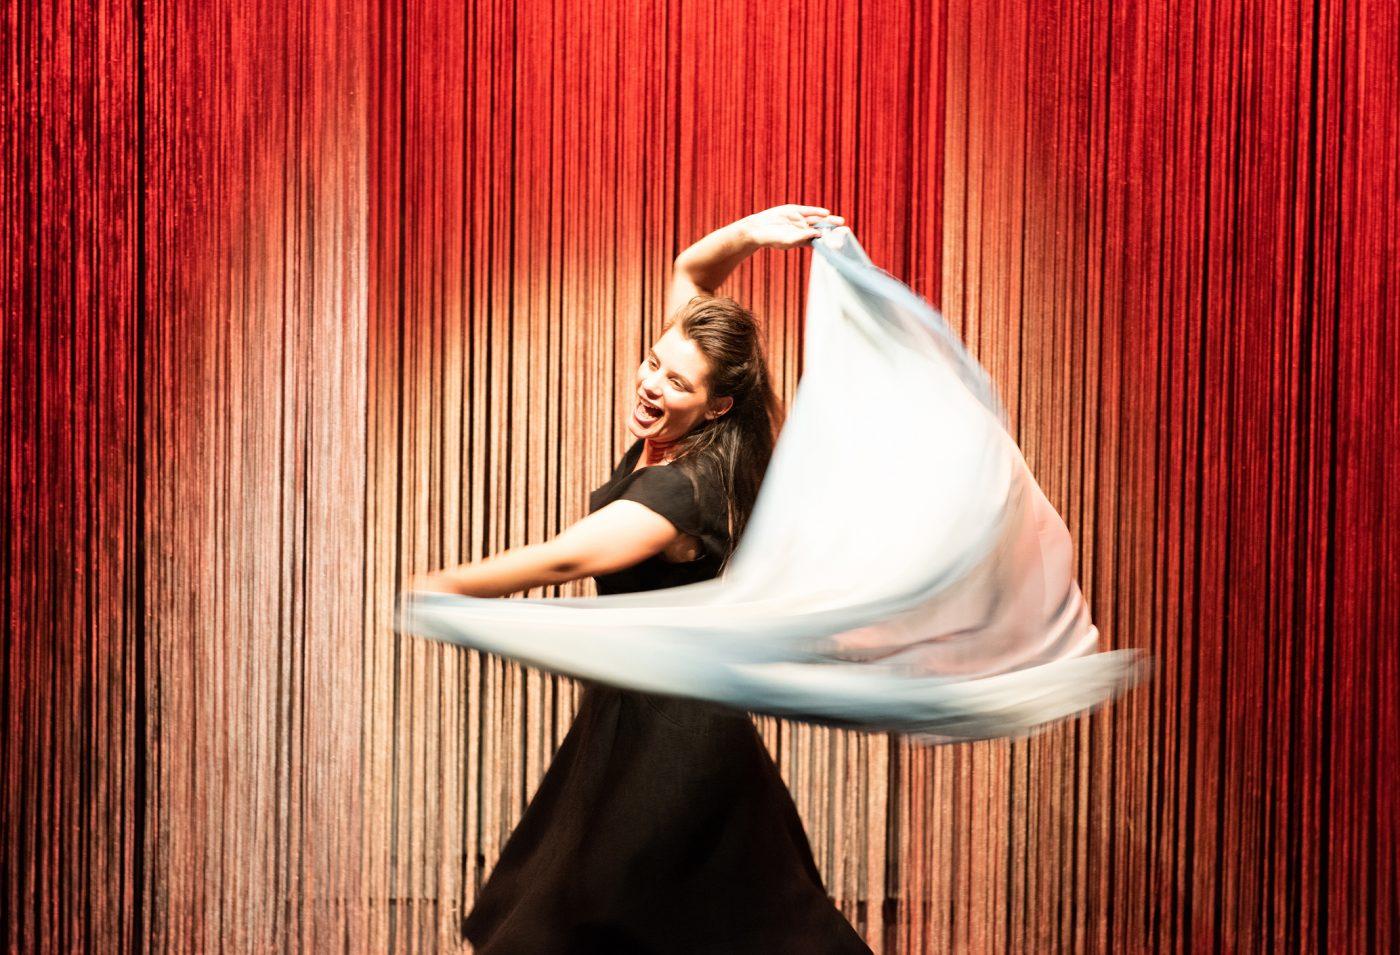 Opera_Juke box opera_c_Alice Piemme_Theatre de Liege_Wolubilis Bruxelles_Comete Chalons en Champagne_Palais de Beaux Arts Charleroi_szenik